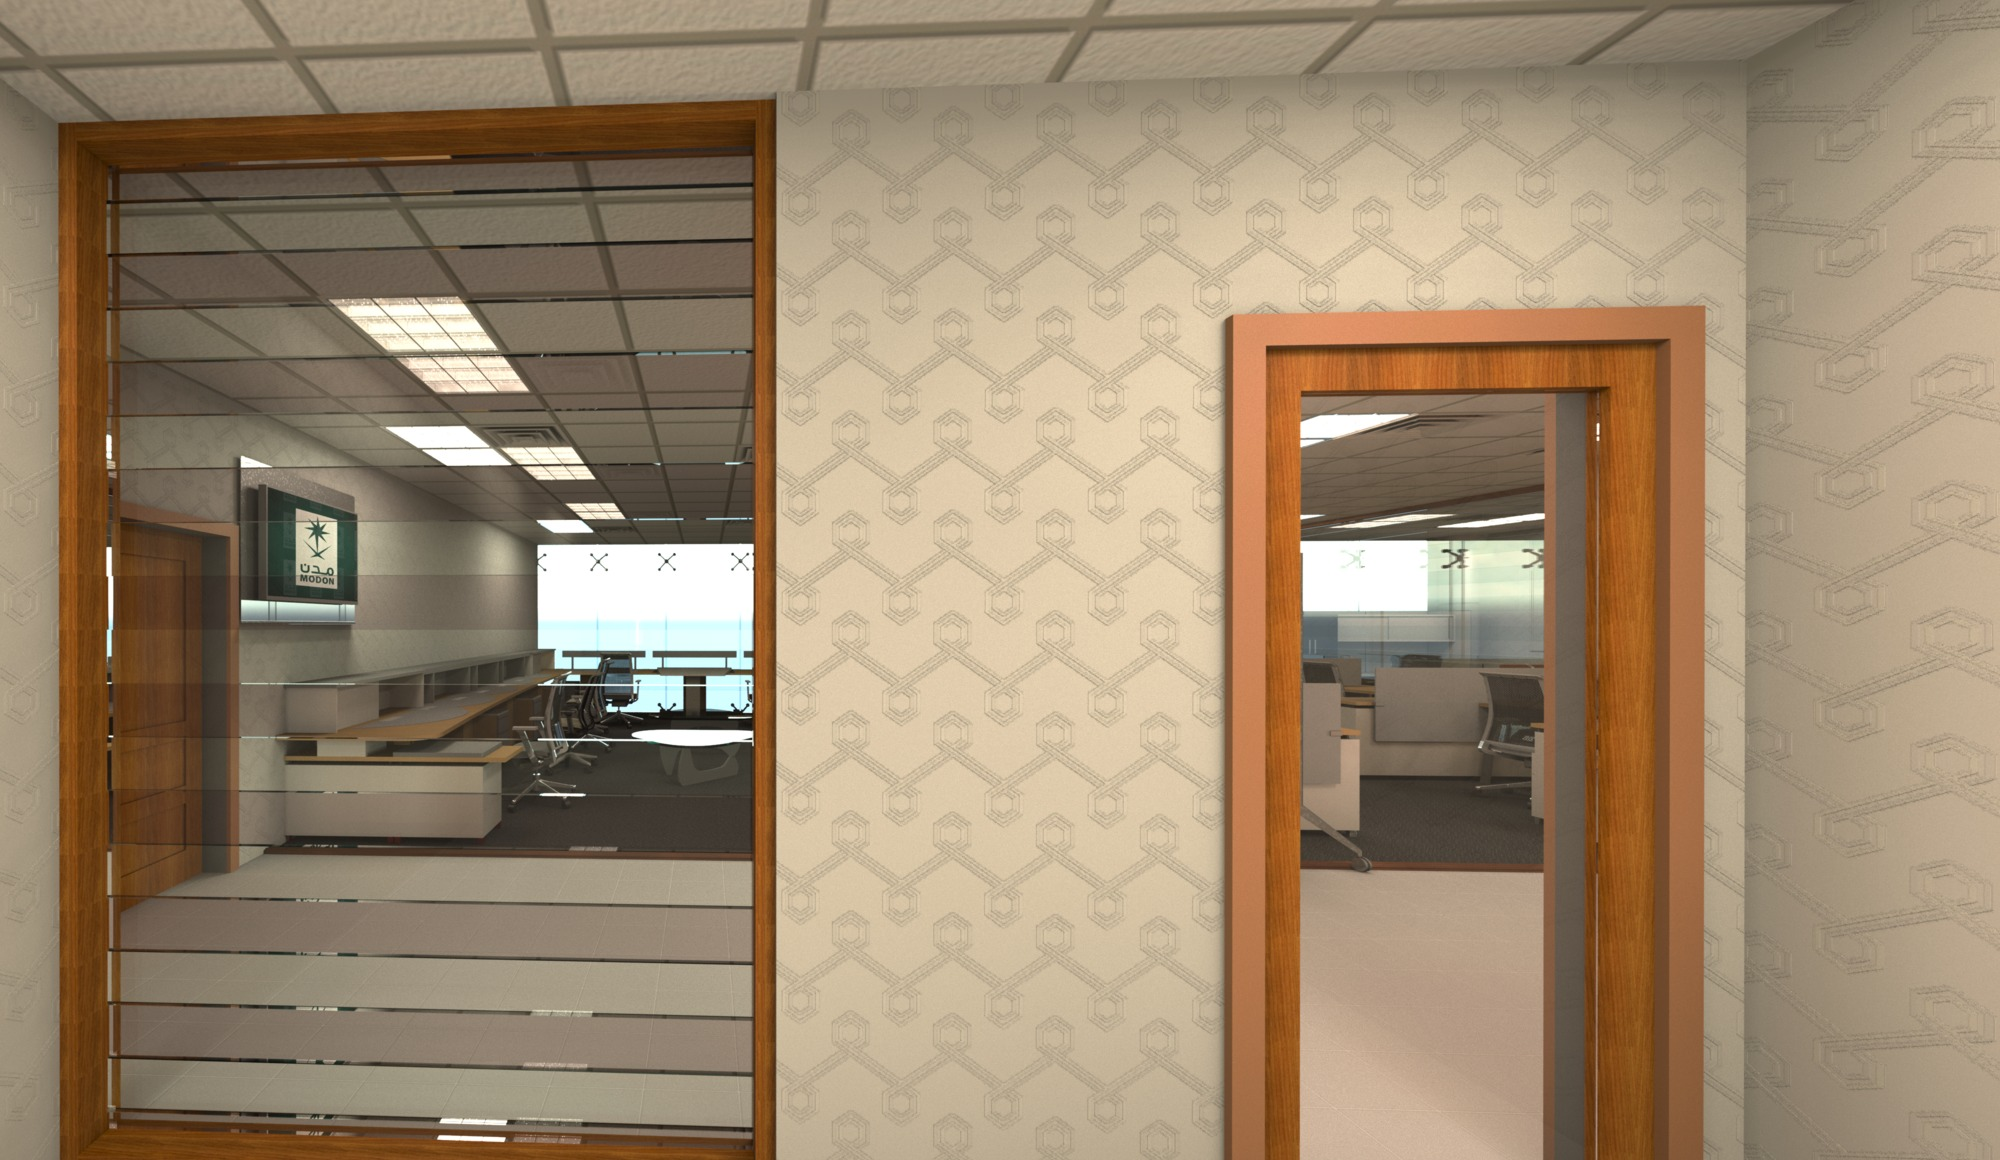 Raas-rendering20141214-30639-pzbz8h